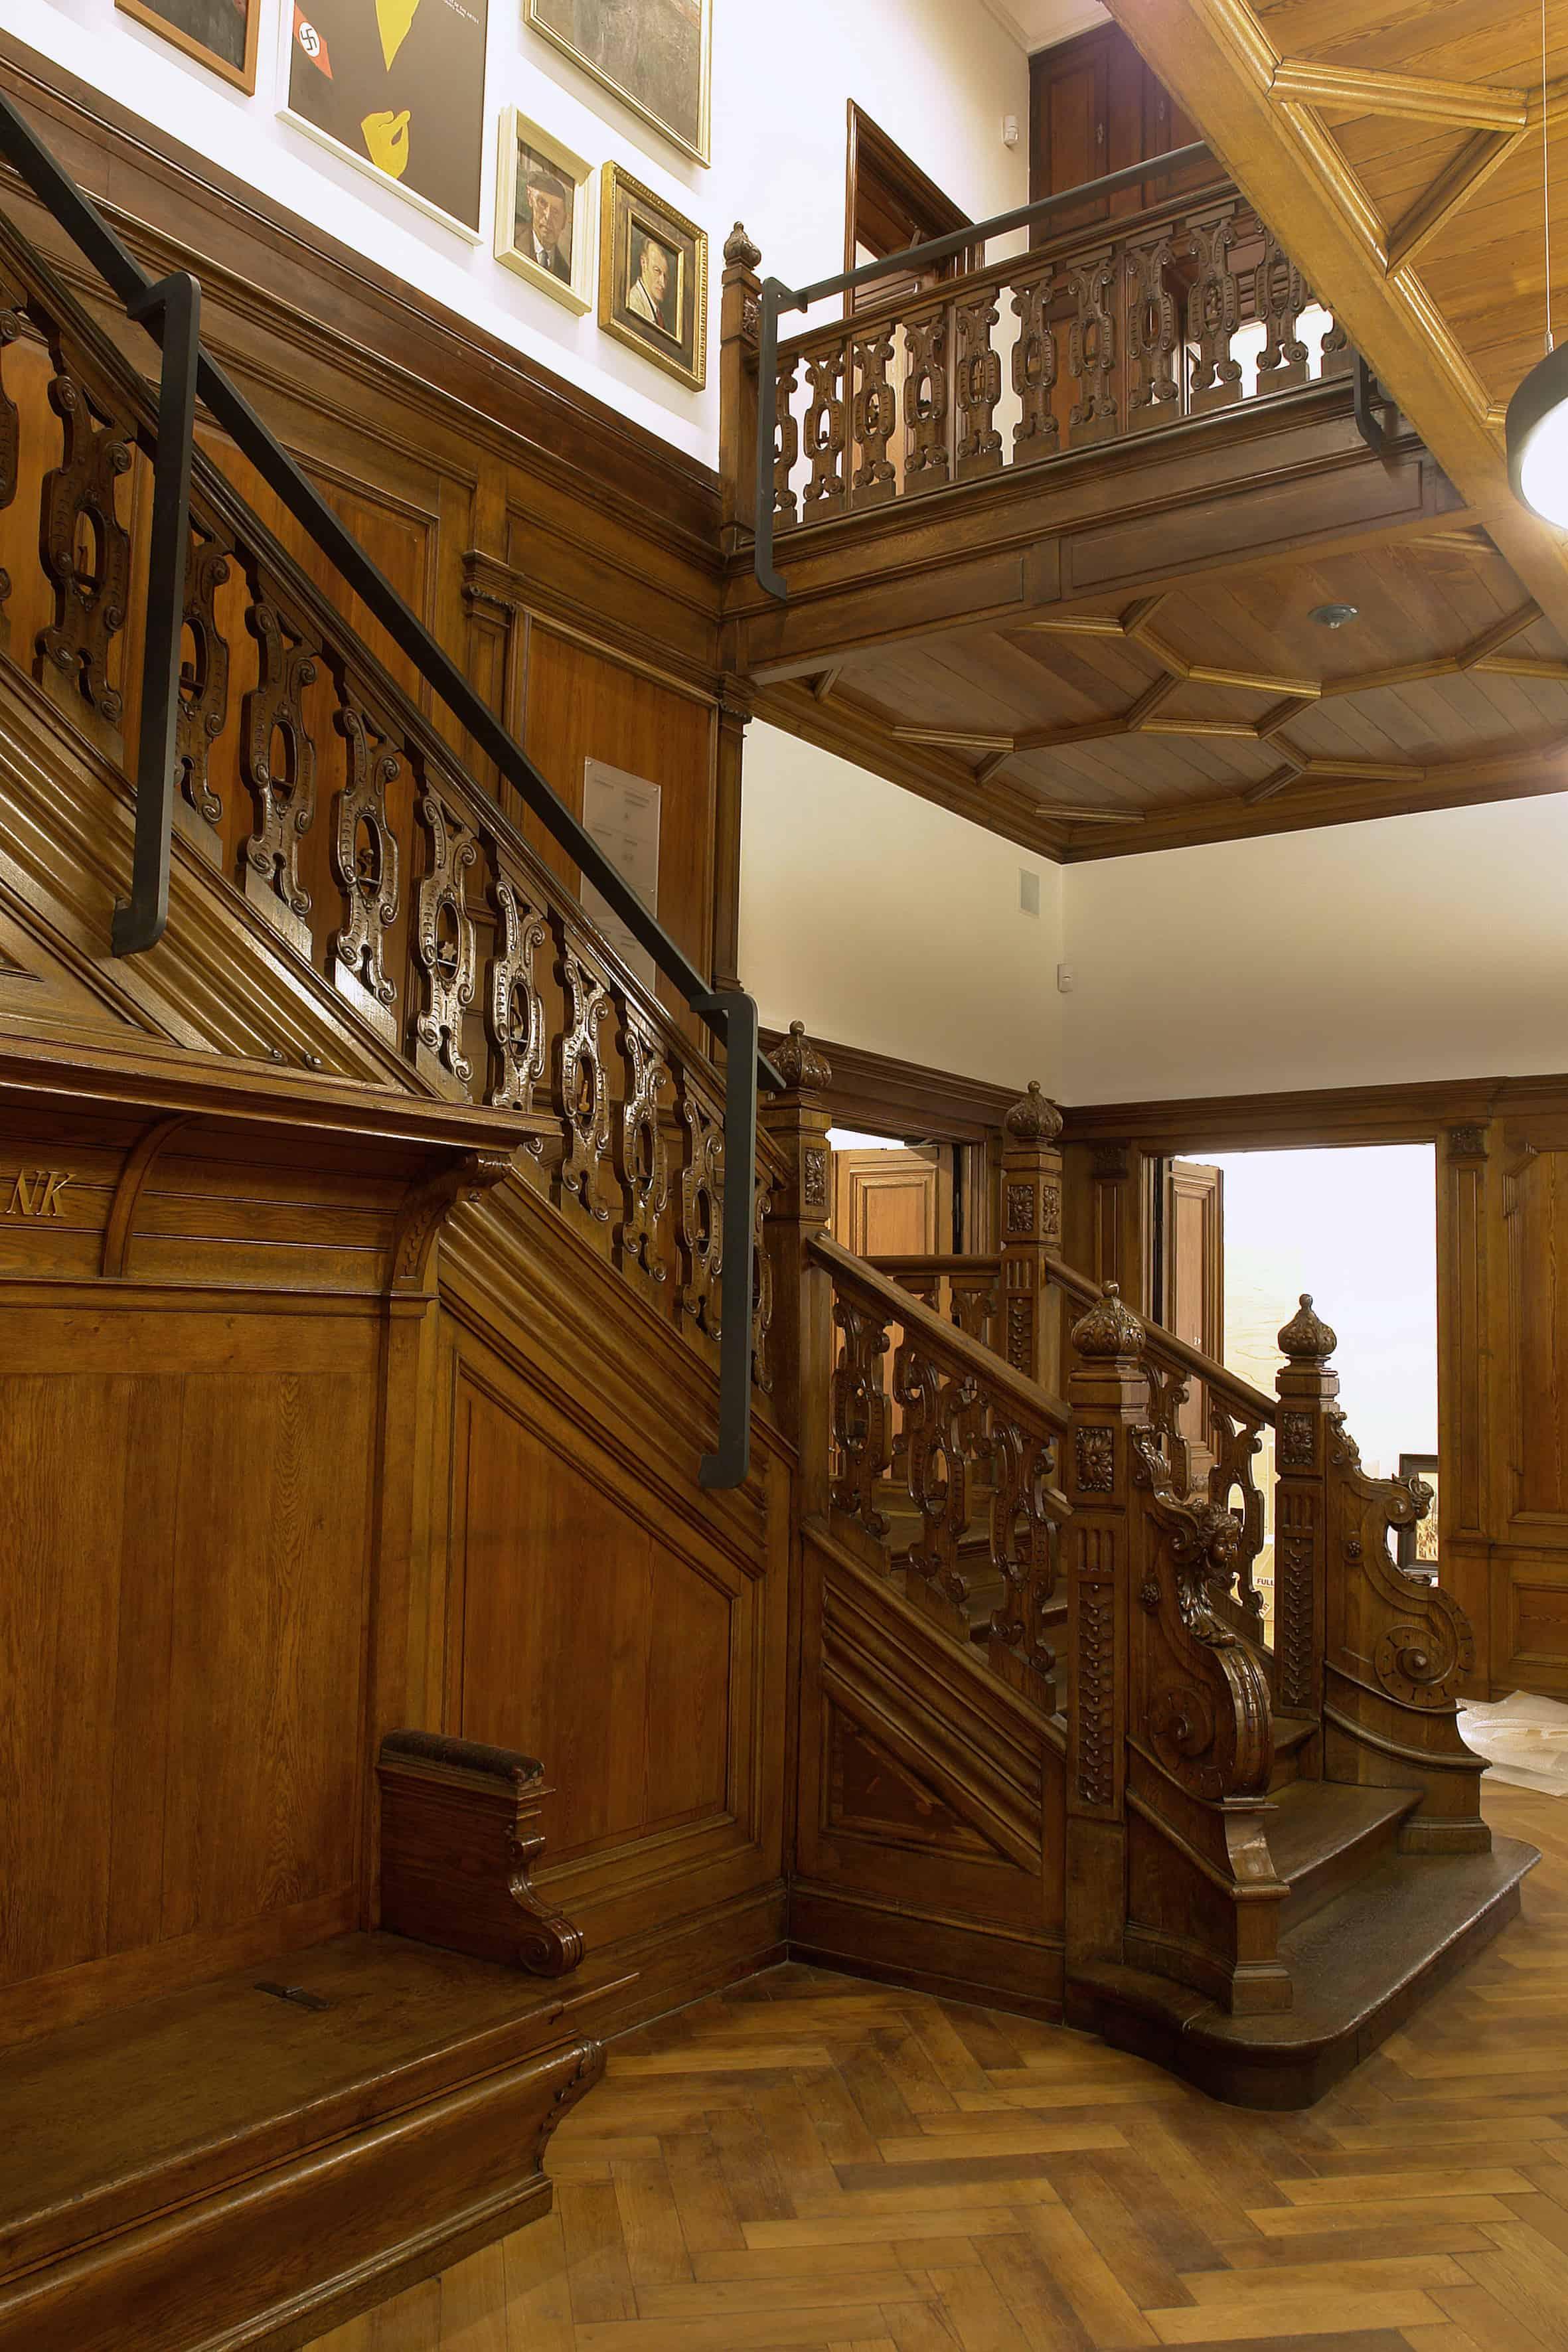 Baudenkmalpflege anhand einer alten Treppe